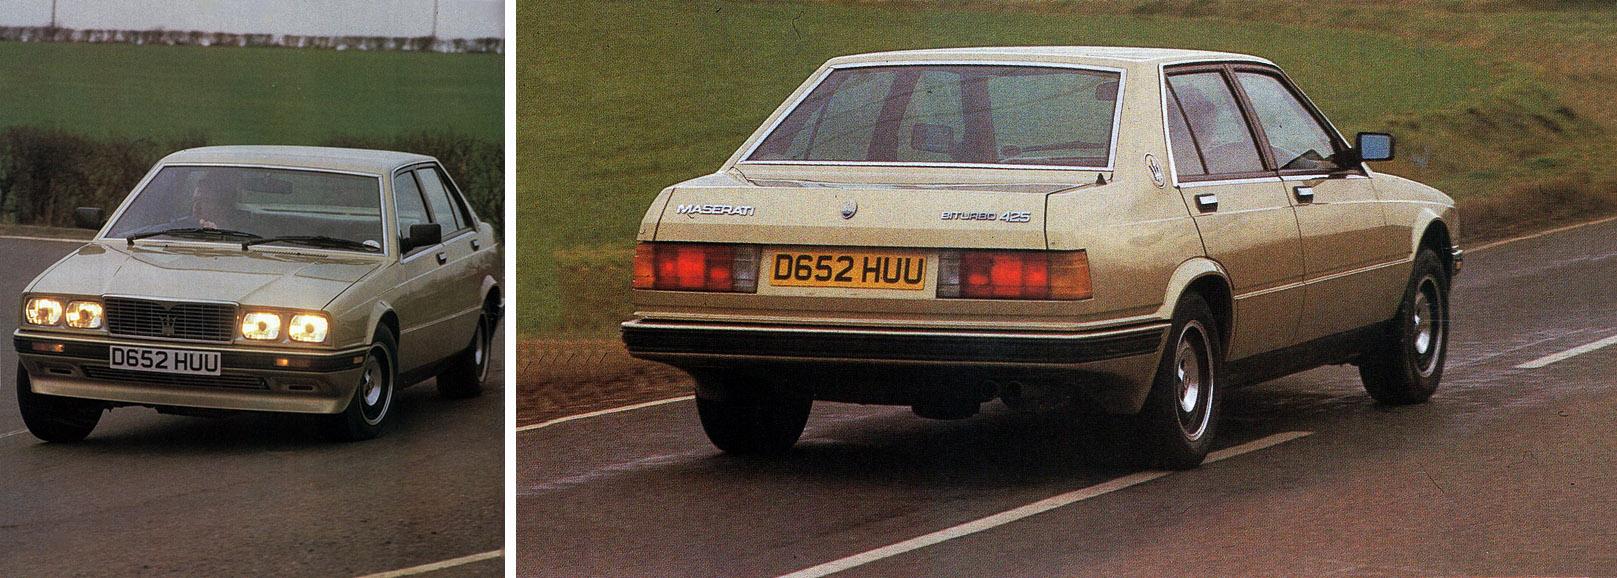 1987 Maserati Biturbo 425 - road test - Drive